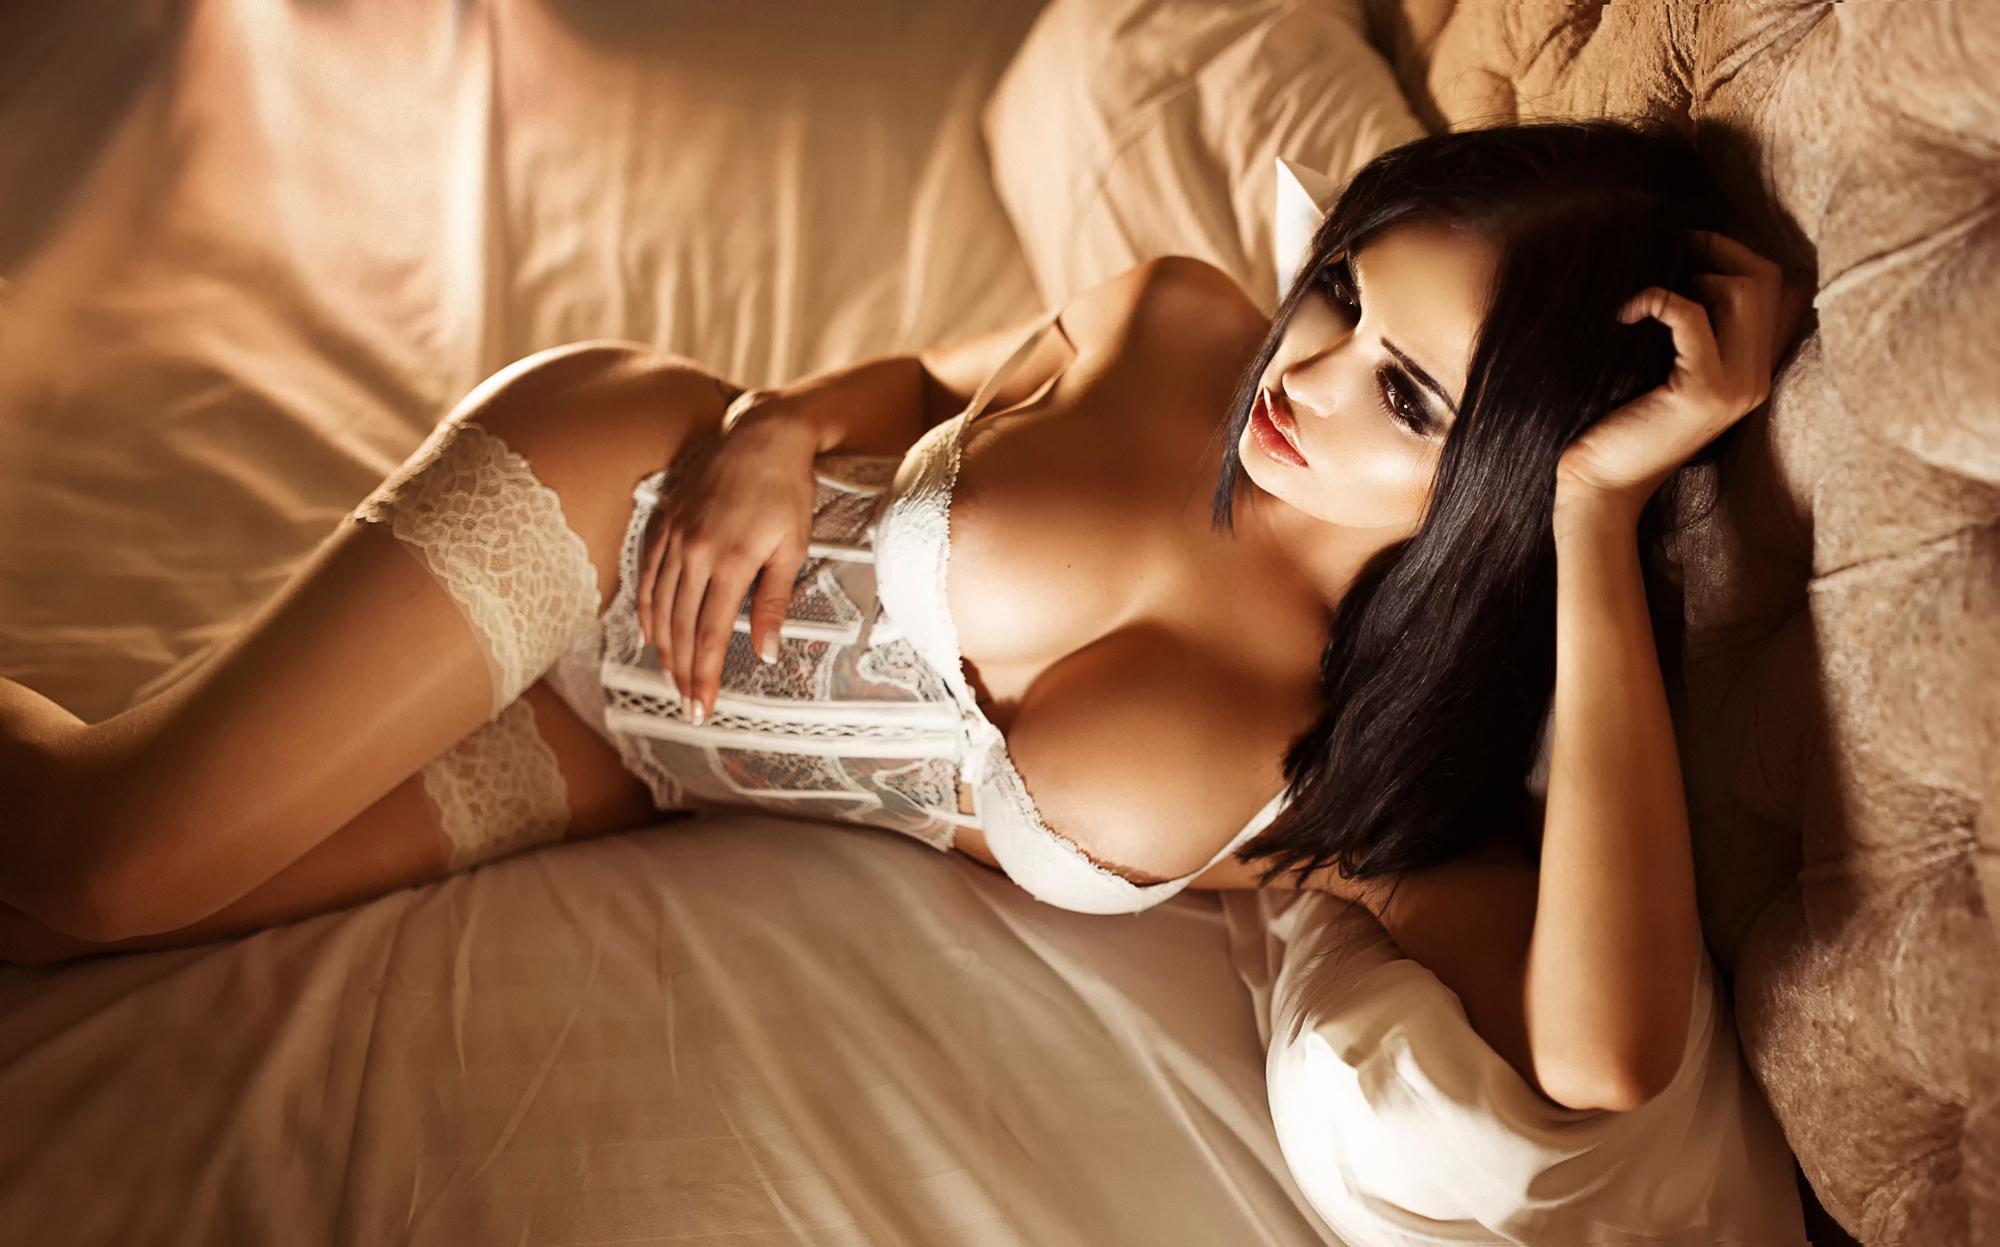 Пошлые снимки русской брюнетки с большими грудями в номере отеля  493288